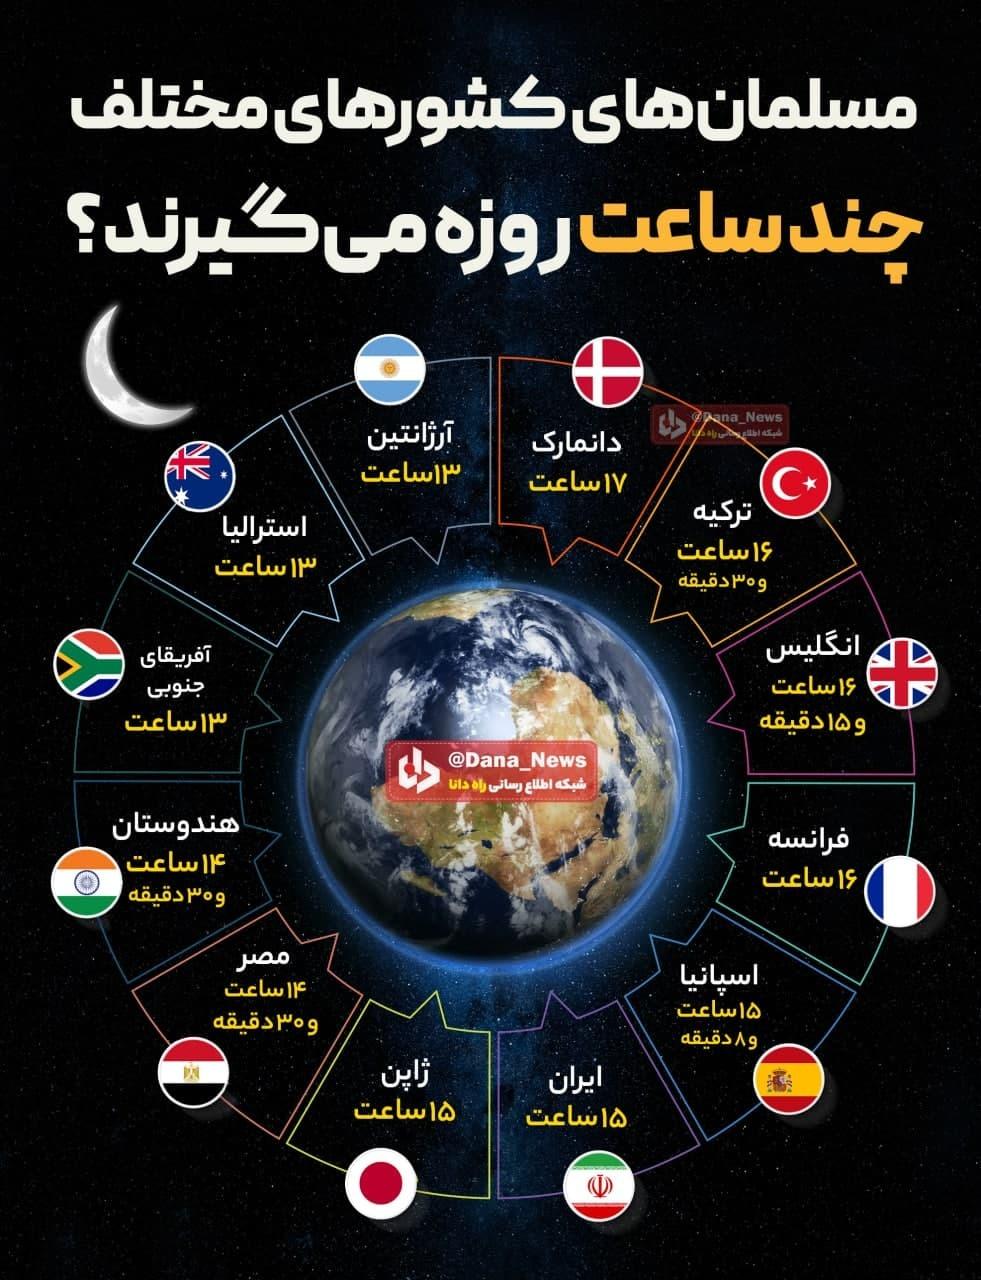 مسلمانهای کشورهای مختلف چند ساعت روزه میمی گیرند؟ + اینفوگرافیک